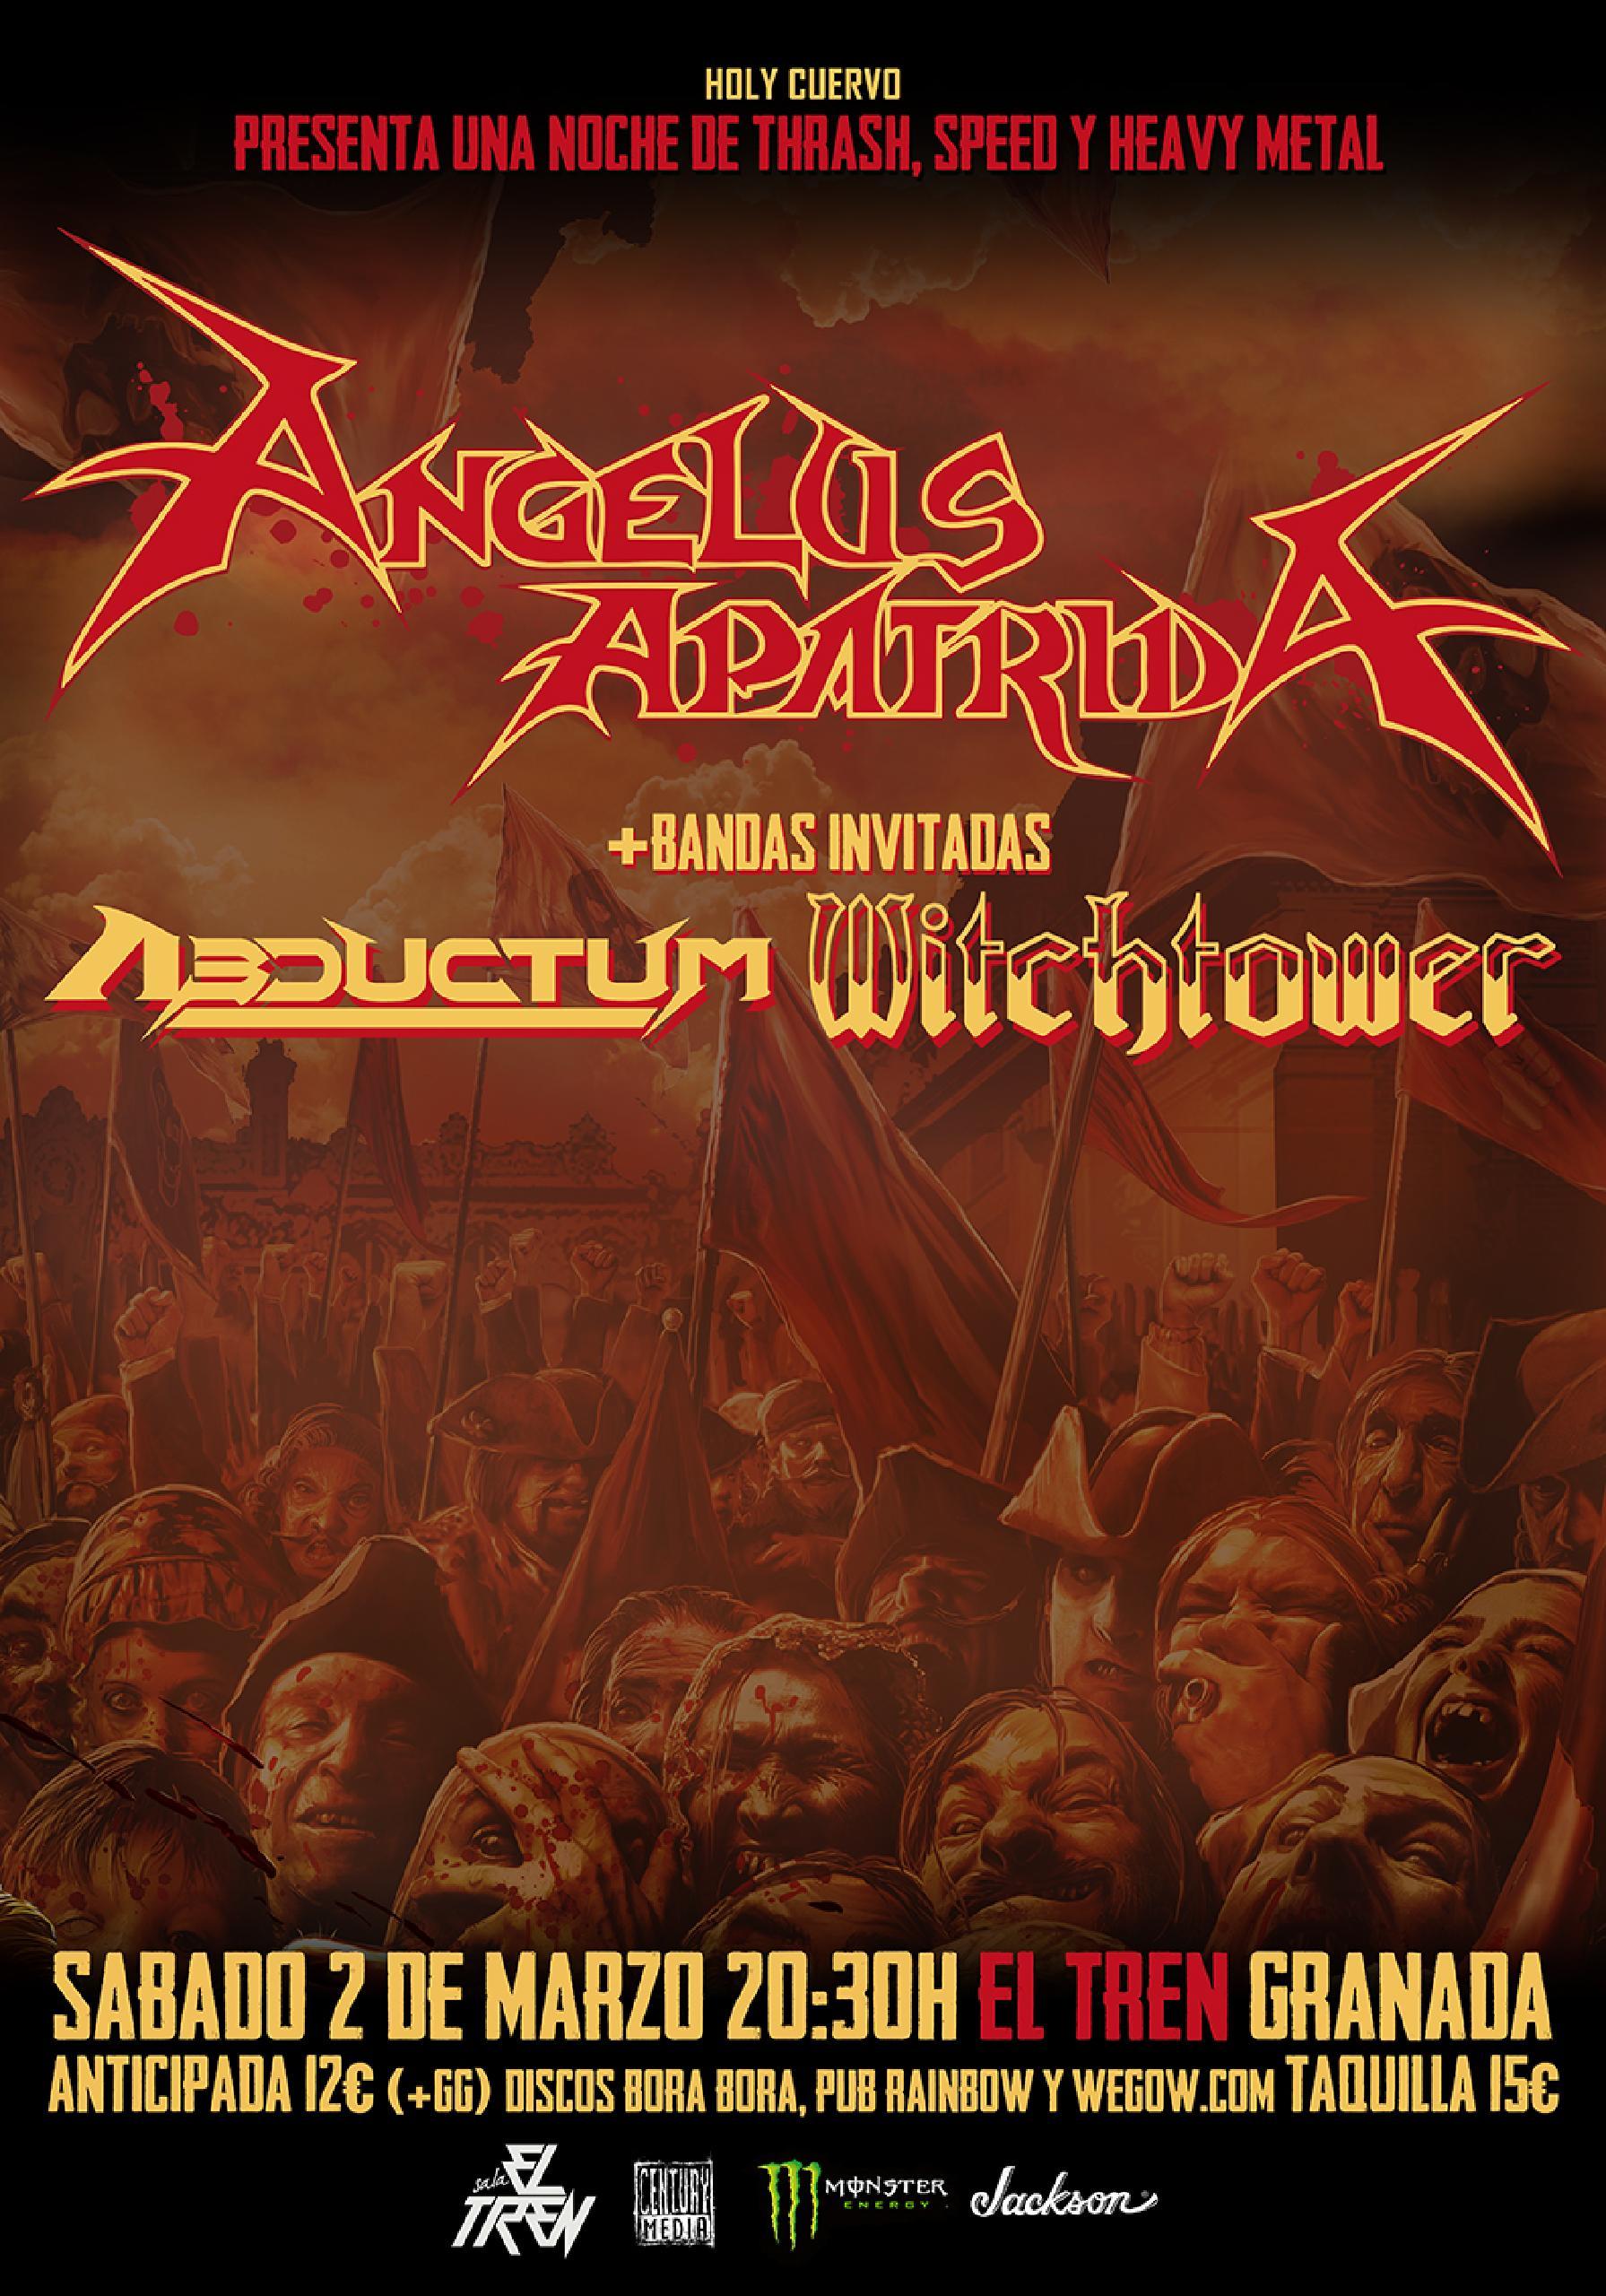 Angelus Apatrida + Abductum + Witchtower en Granada.